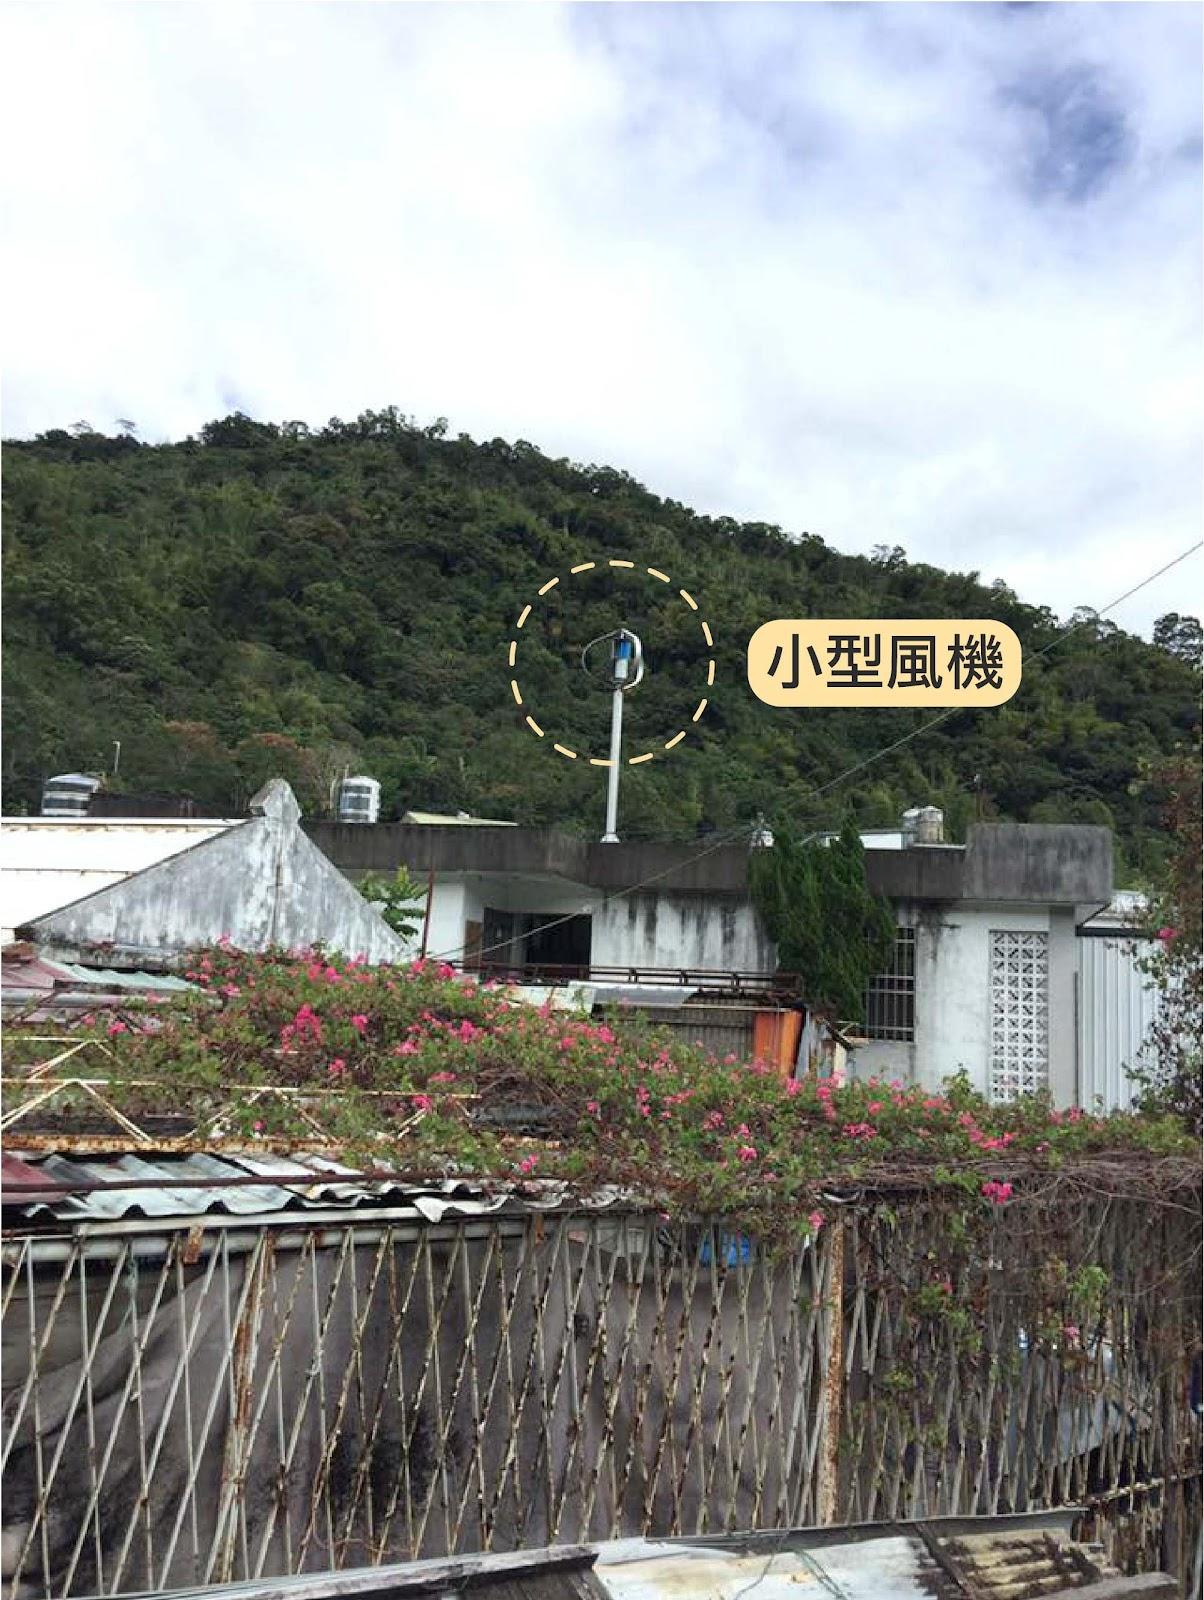 達魯瑪克部落在社區避難所設置小型風機,做為自主發電的一部分。圖片來源│主婦聯盟